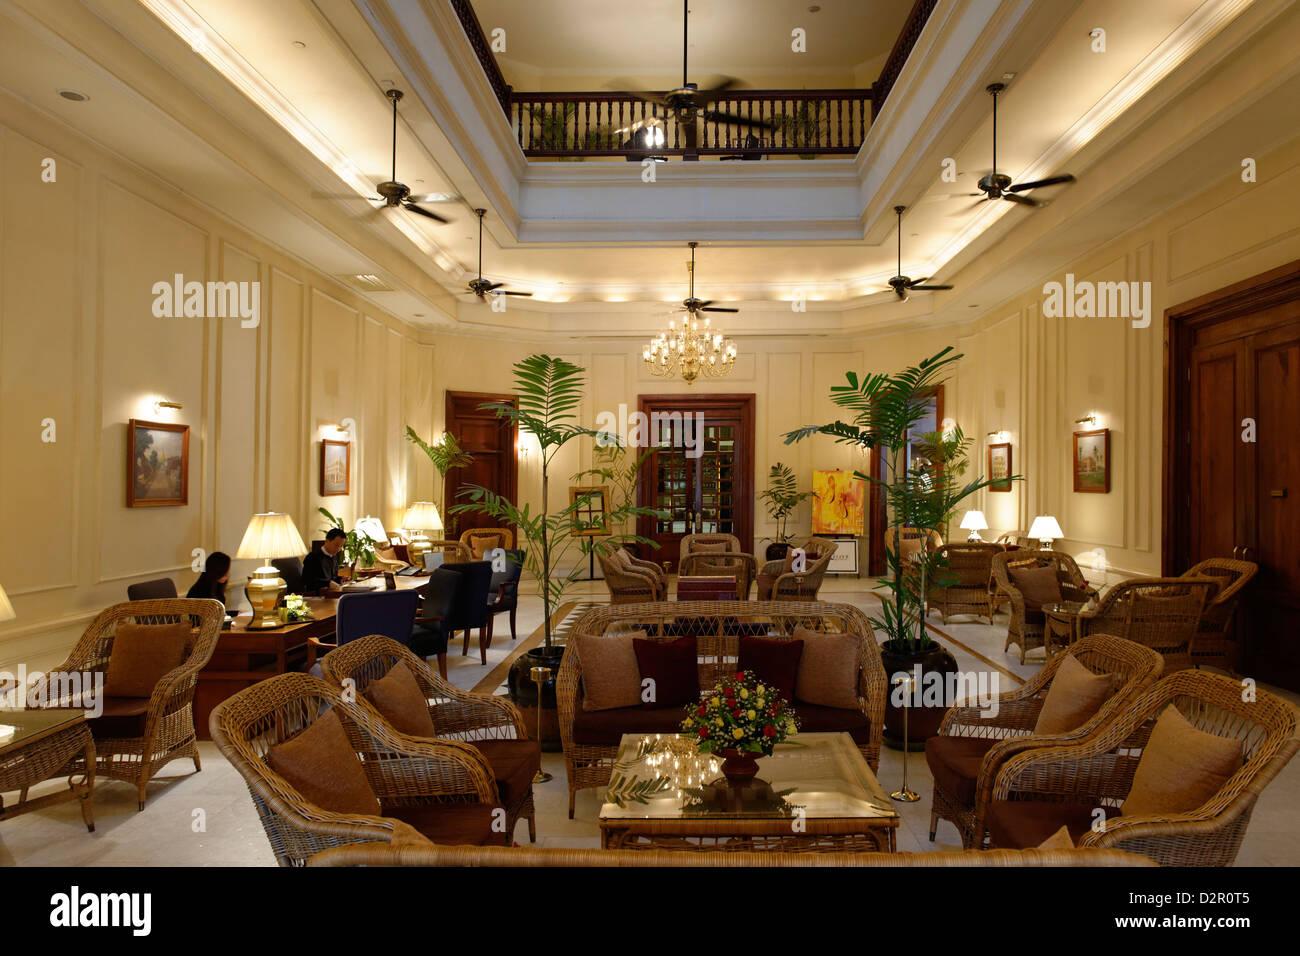 Das Strand Hotel ist eine viktorianische Hotel im Jahr 1896 erbaut. Yangon-Region. Burma. Republik der Union von Stockbild